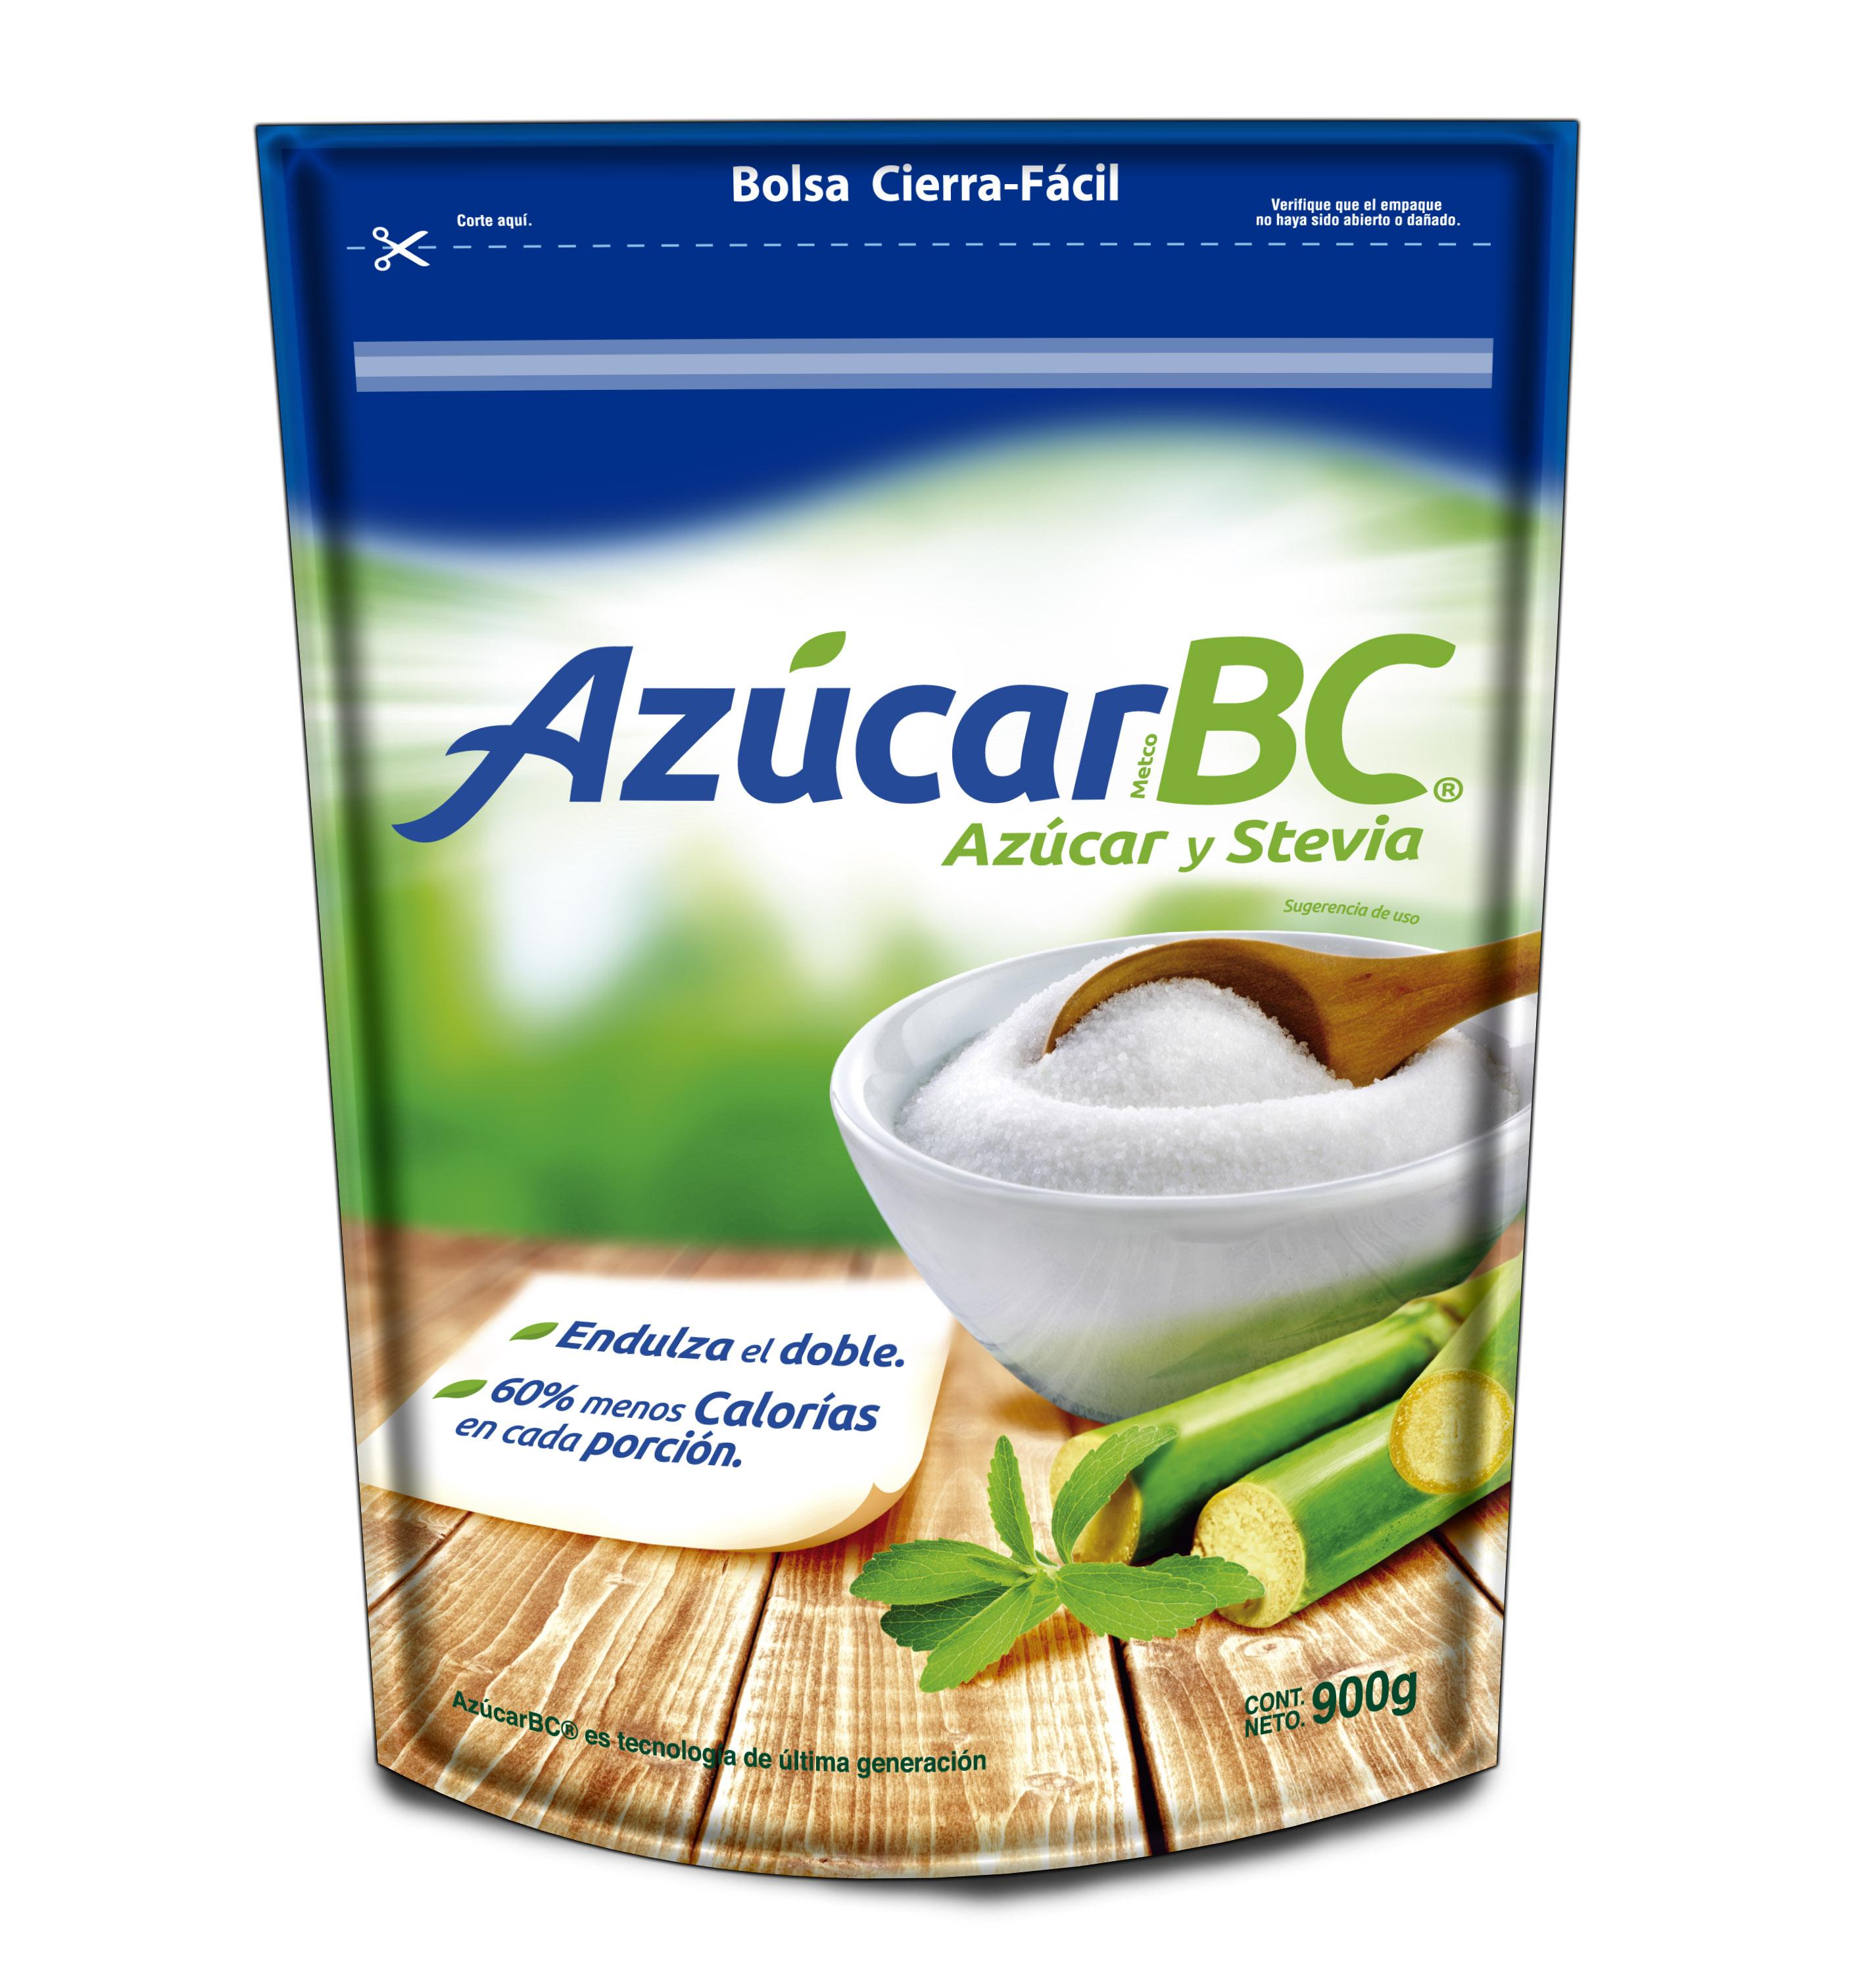 Azúcar BC® se reinventa y lanza nueva imagen. Elige tu